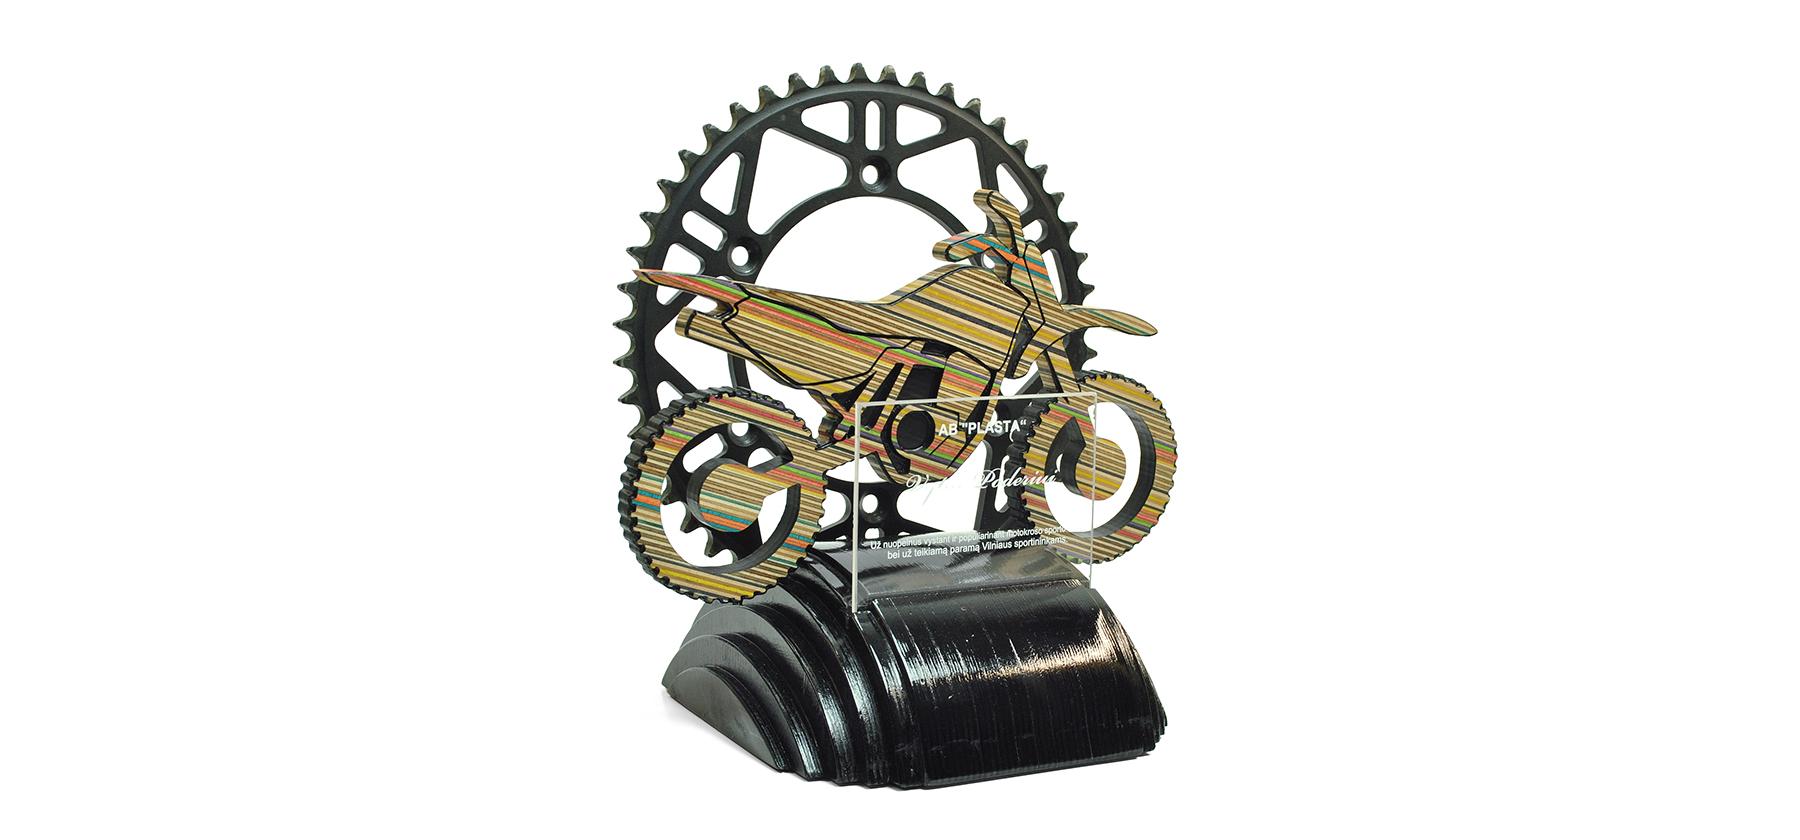 motocross trophy